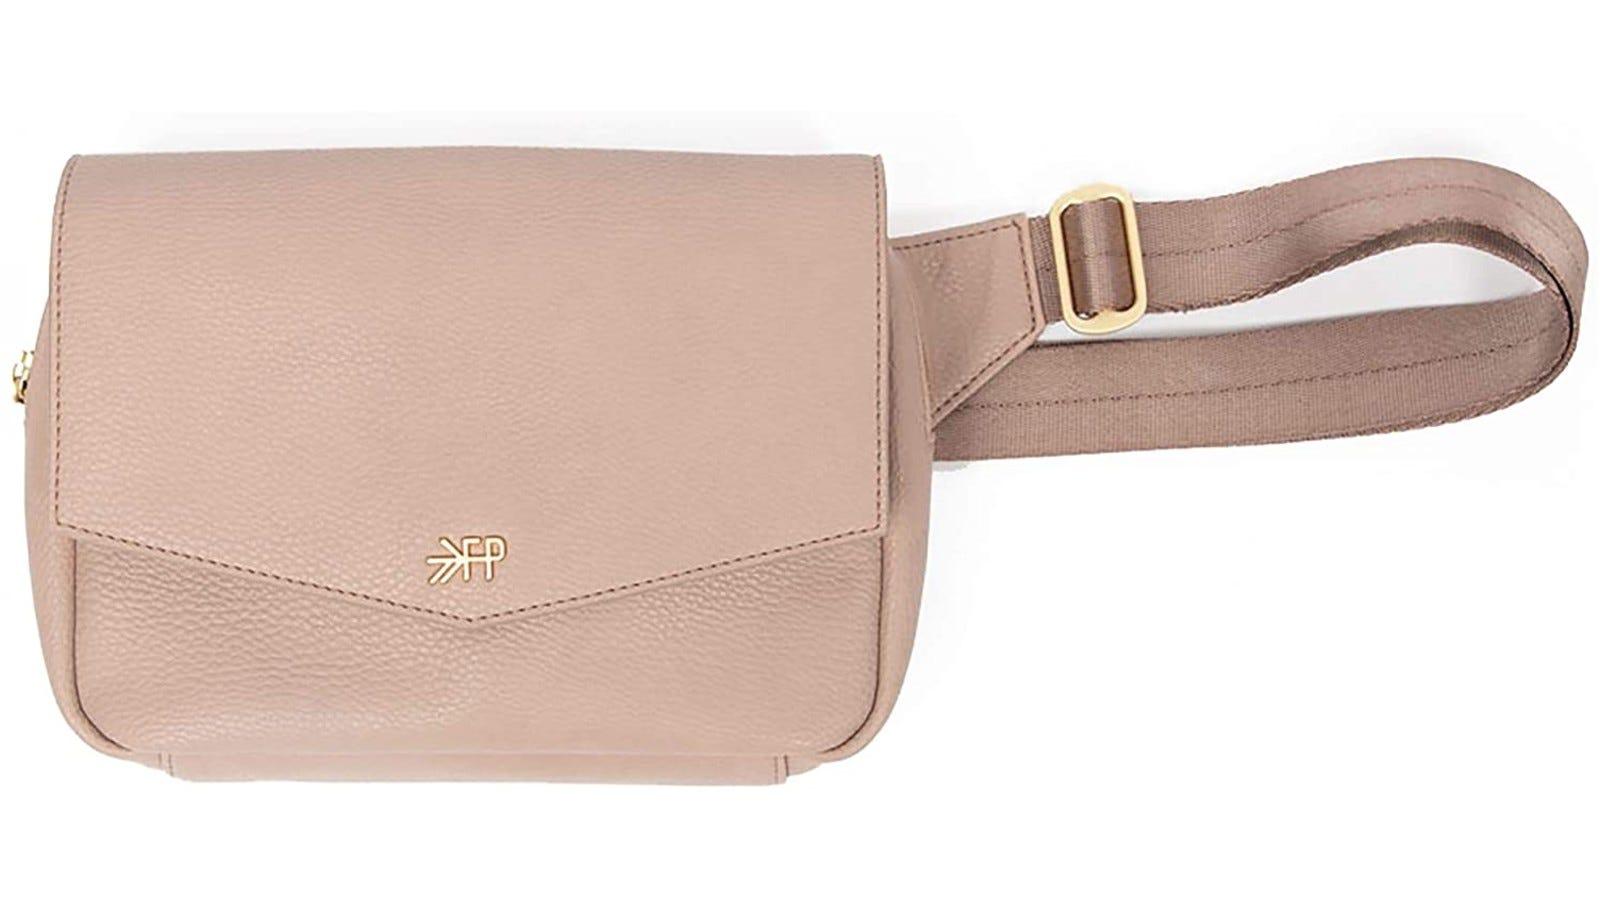 a blush colored belt bag